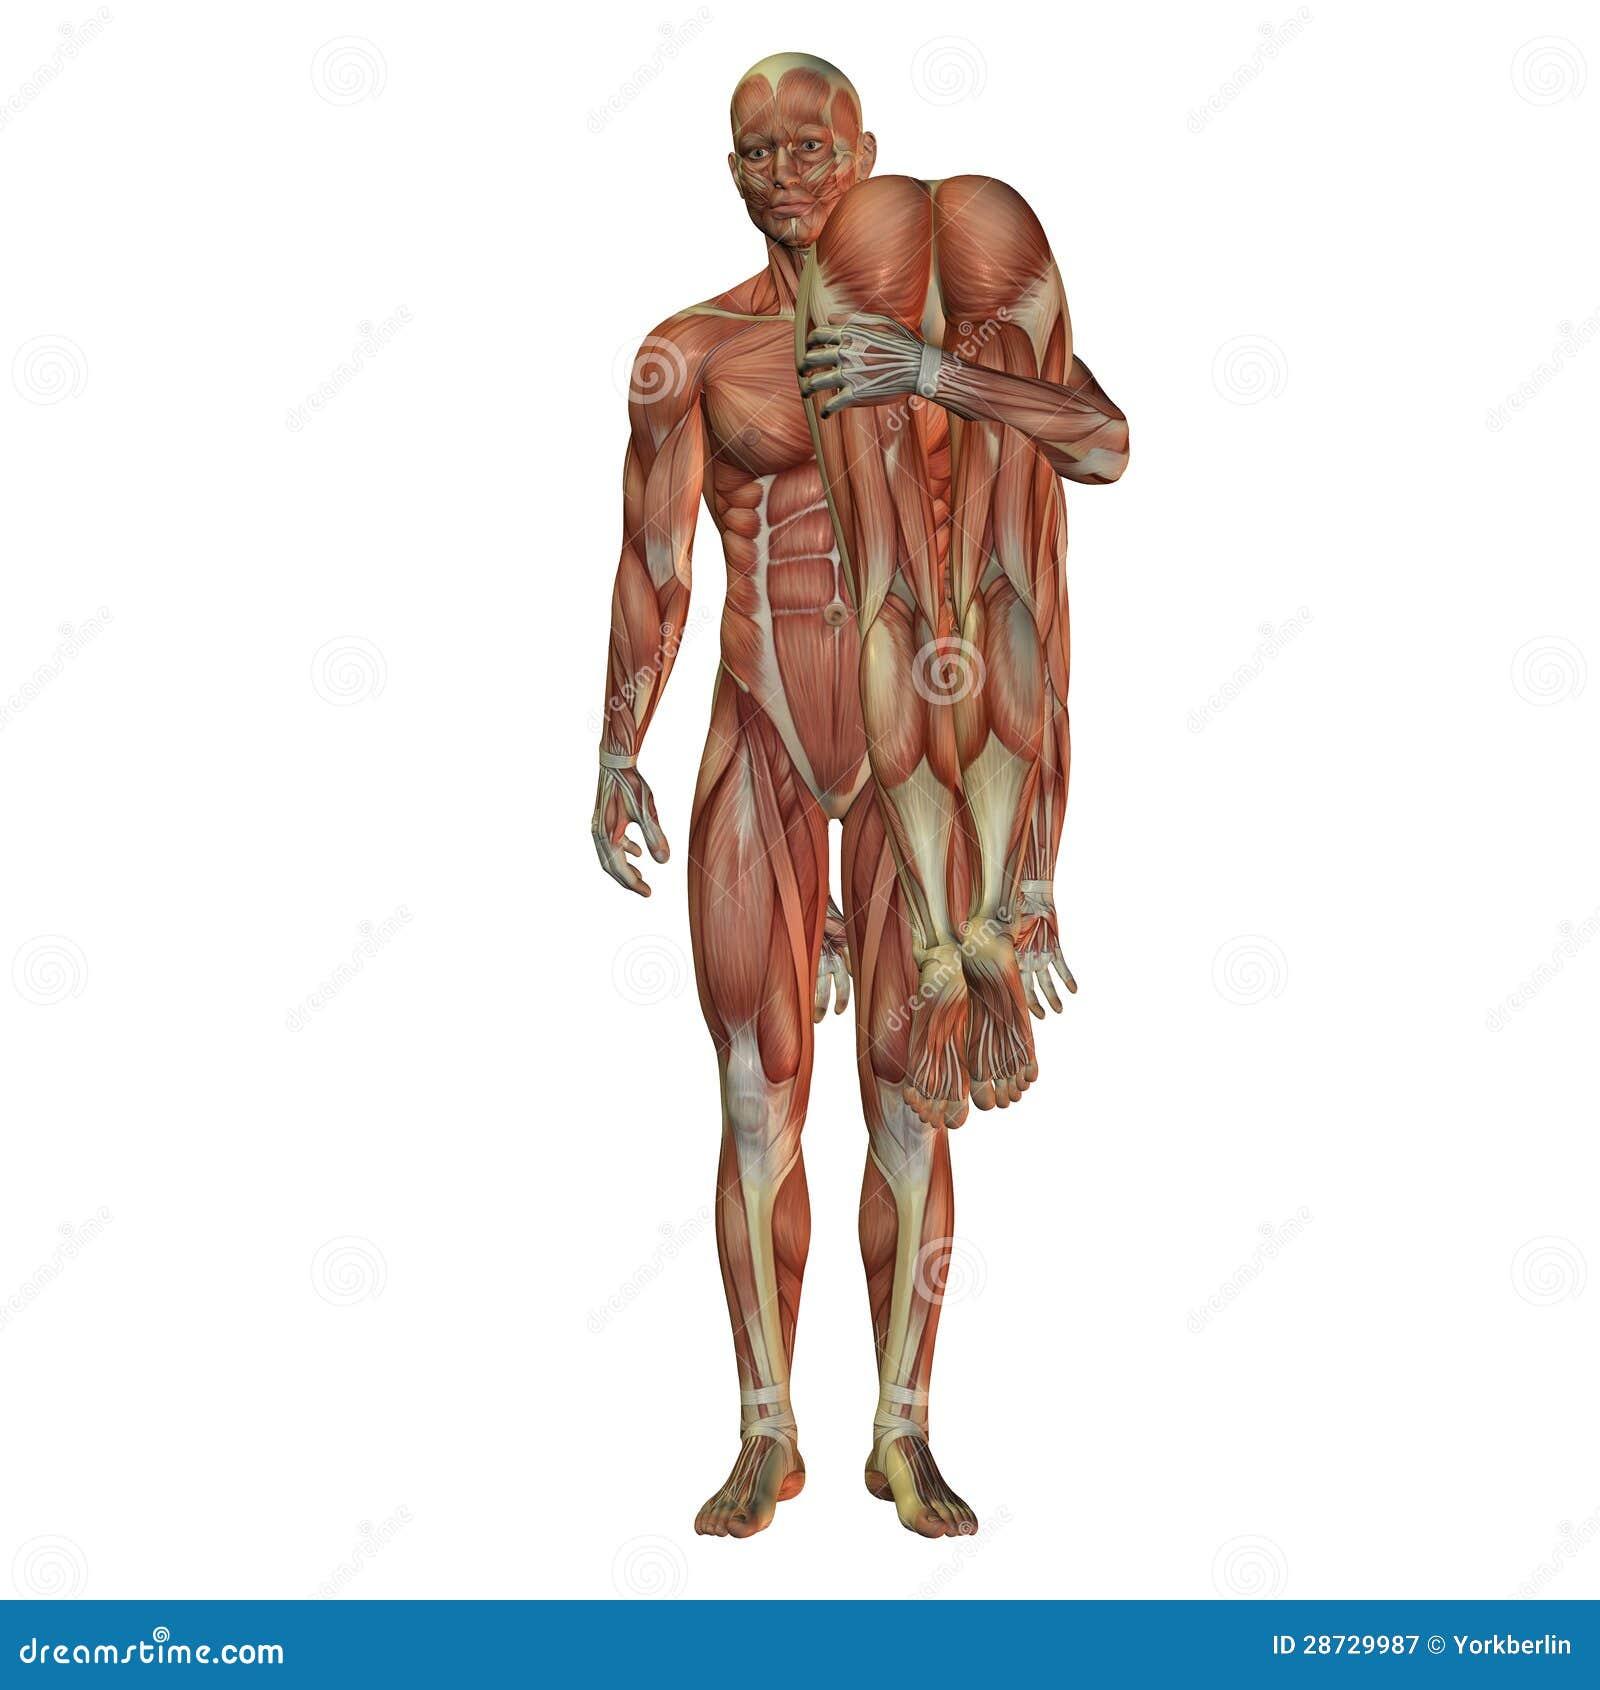 Großzügig Anatomie Malvorlagen Muskeln Fotos - Framing Malvorlagen ...